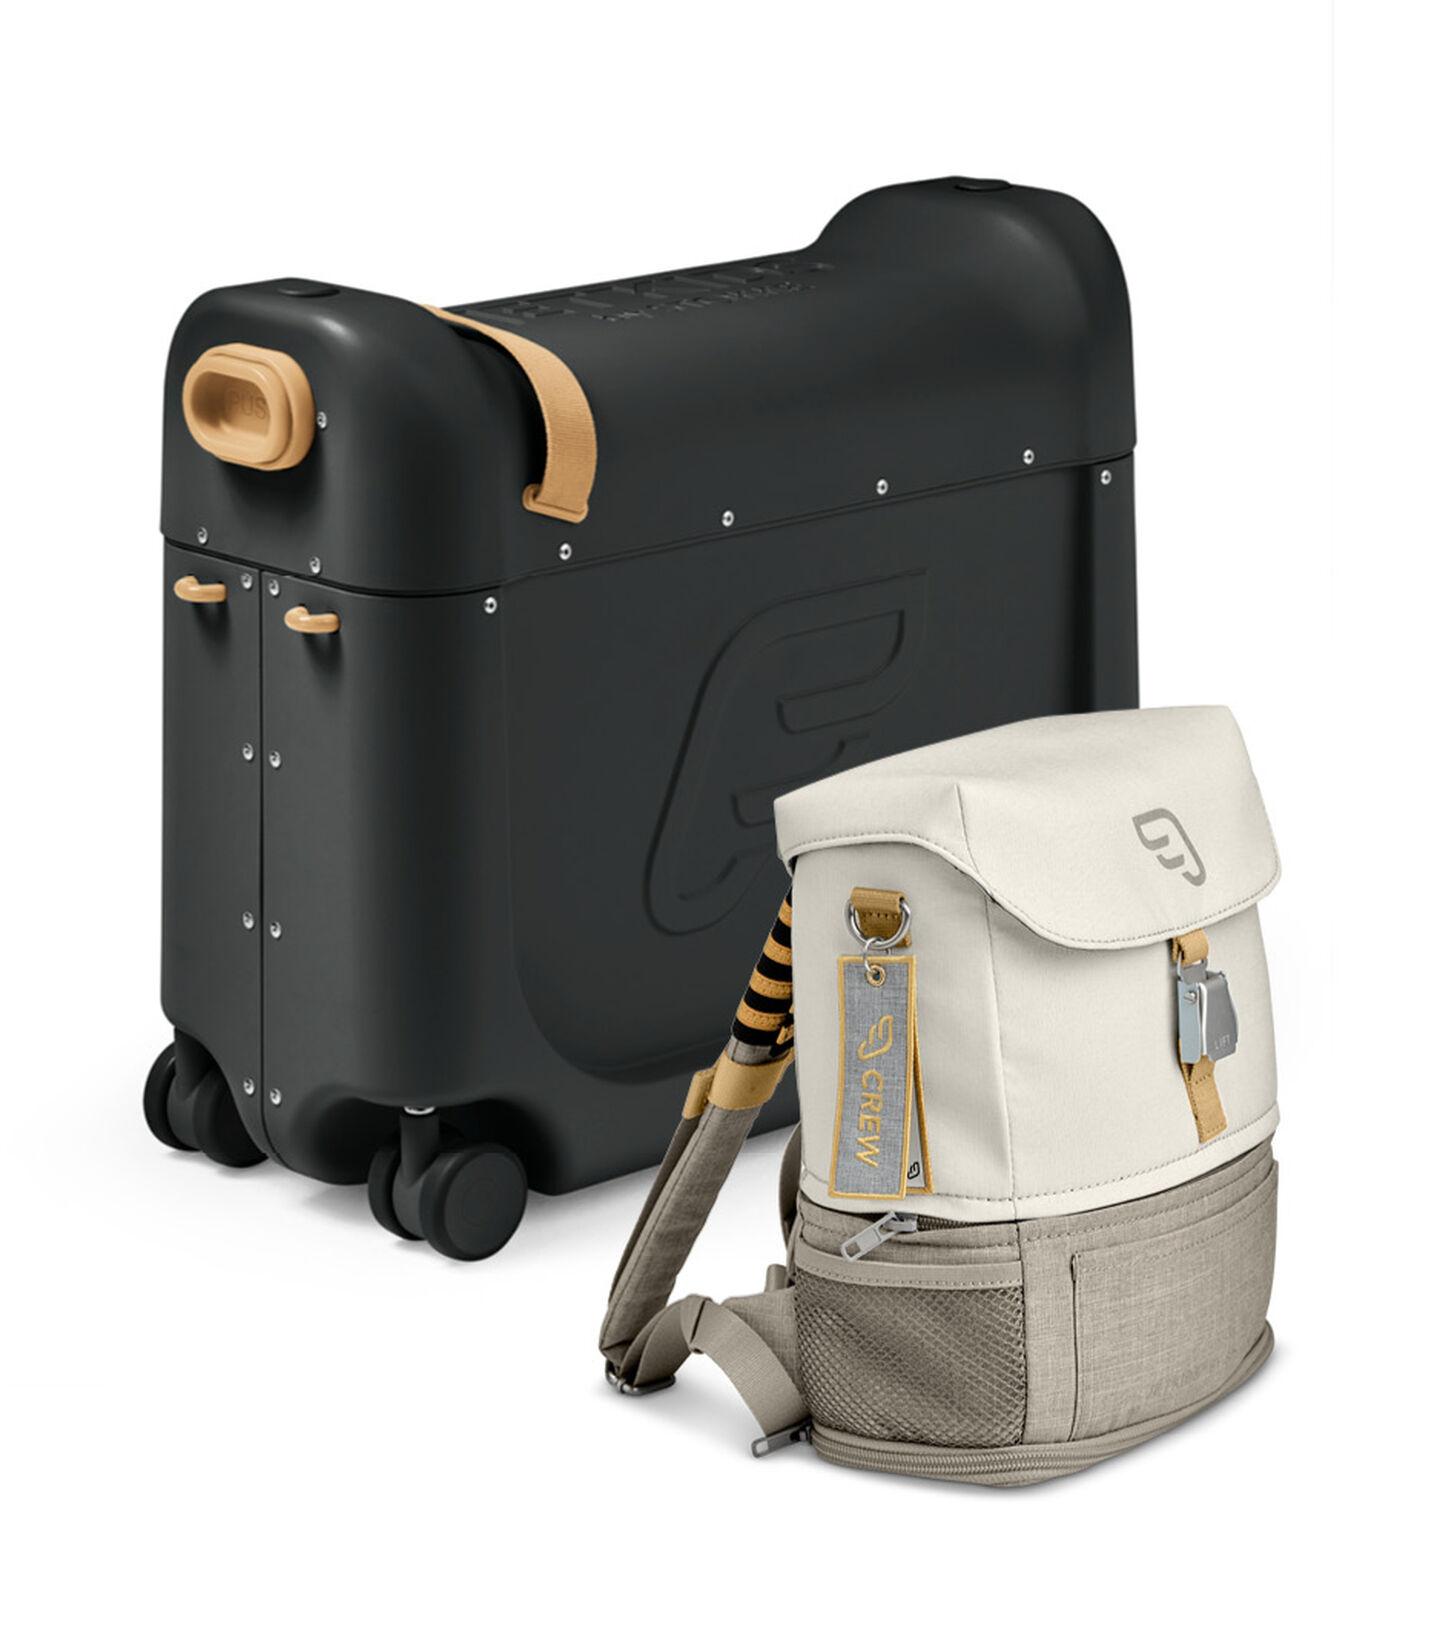 Zestaw podróżny BedBox™ + plecak Crew BackPack™ Czarny /Biały, Black / White, mainview view 2